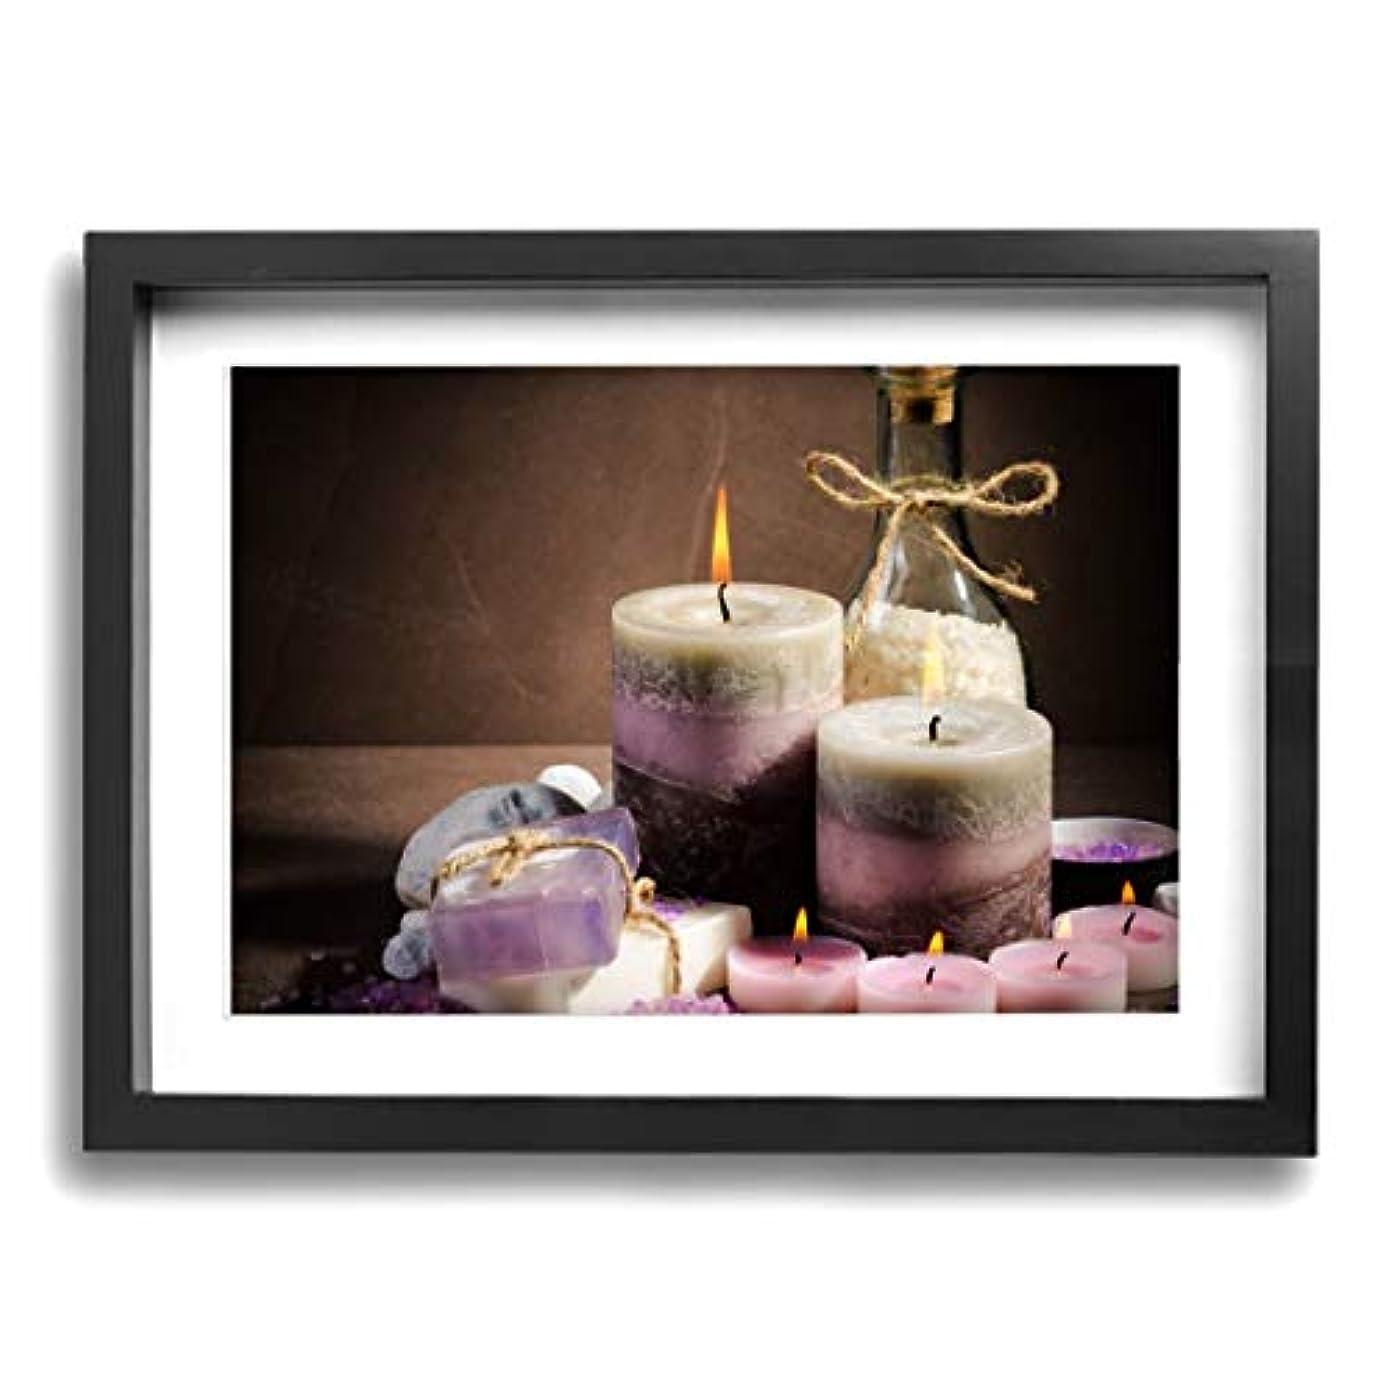 誰でも報告書生き返らせる魅力的な芸術 30x40cm Spa Purple Color Candle Oil キャンバスの壁アート 画像プリント絵画リビングルームの壁の装飾と家の装飾のための現代アートワークハングする準備ができて